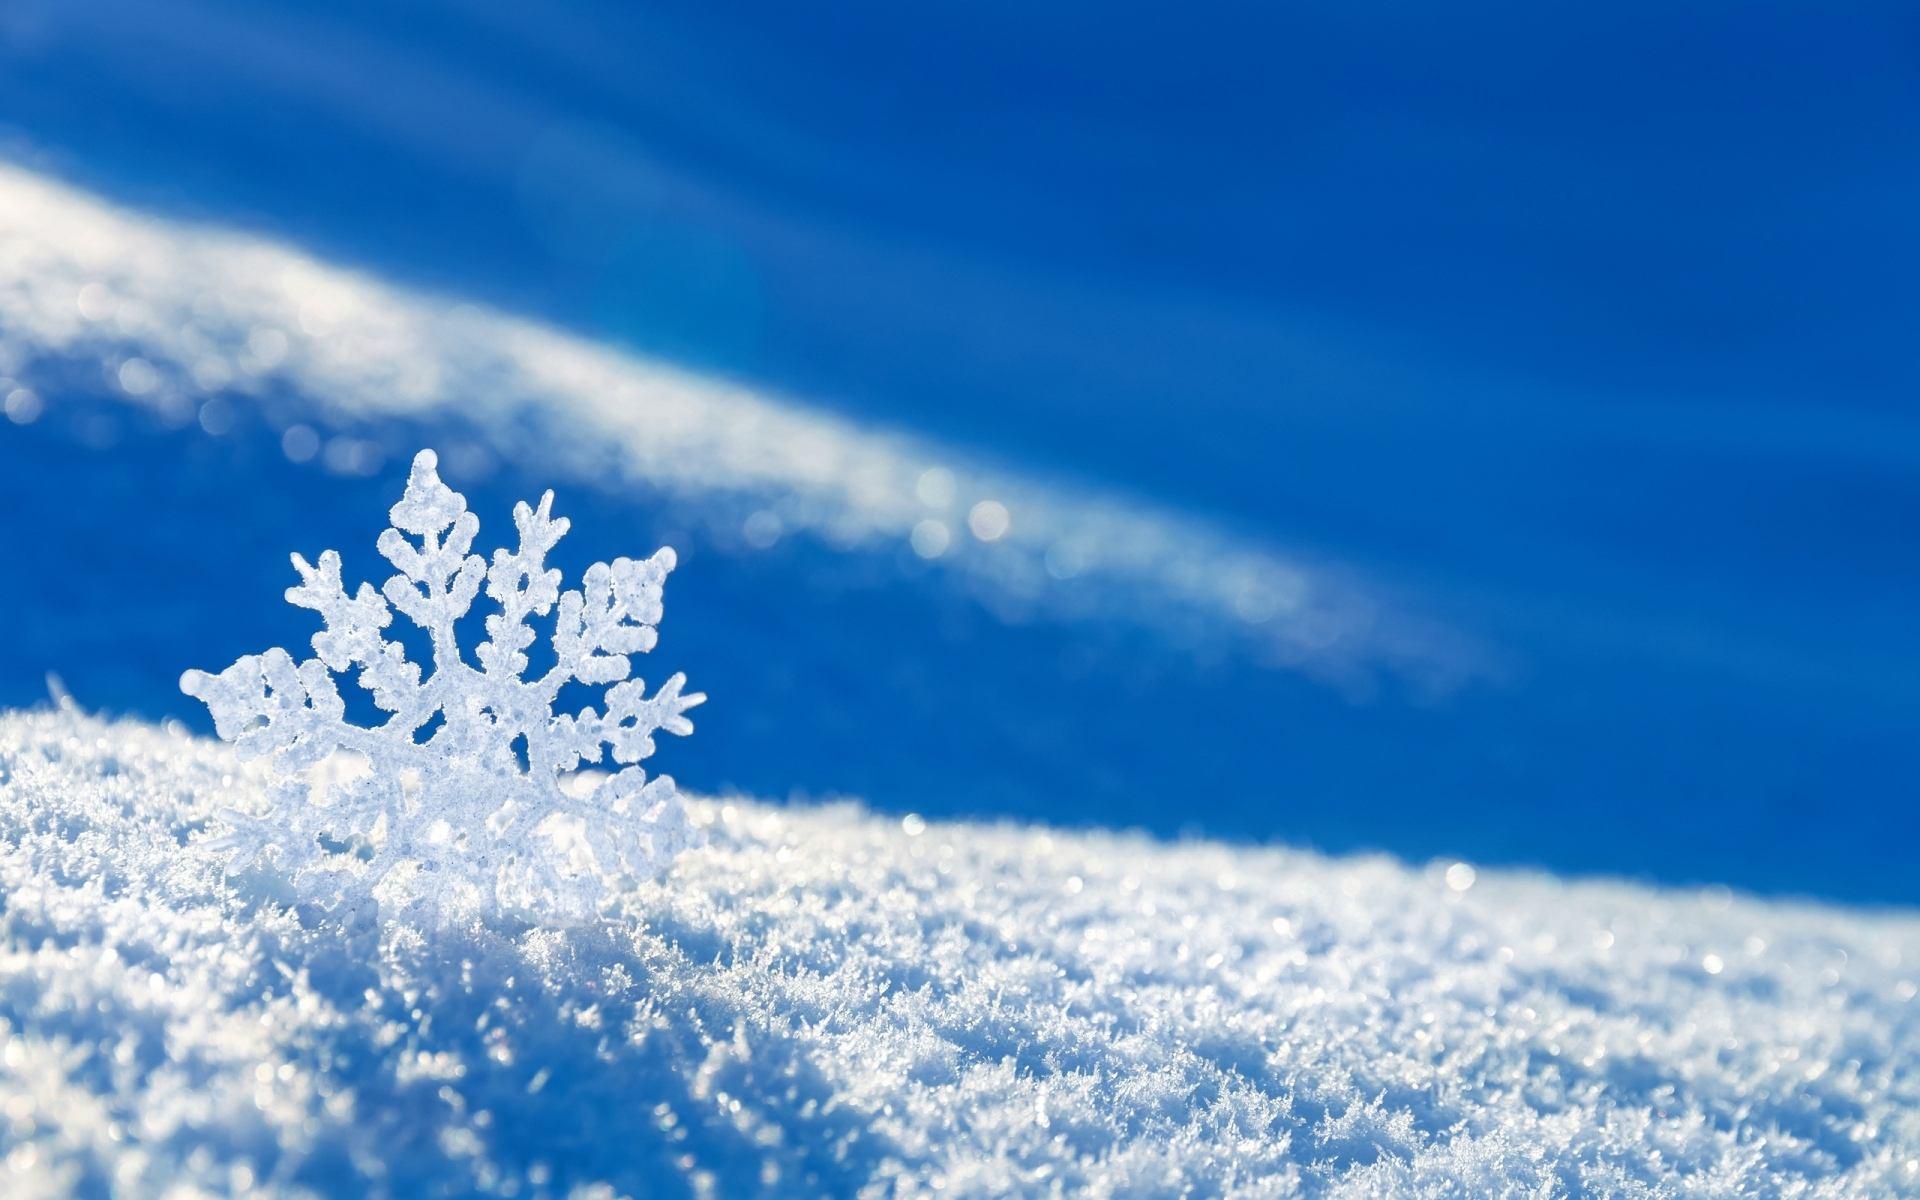 描写雪景的优美句子_雪天的美景句子-图